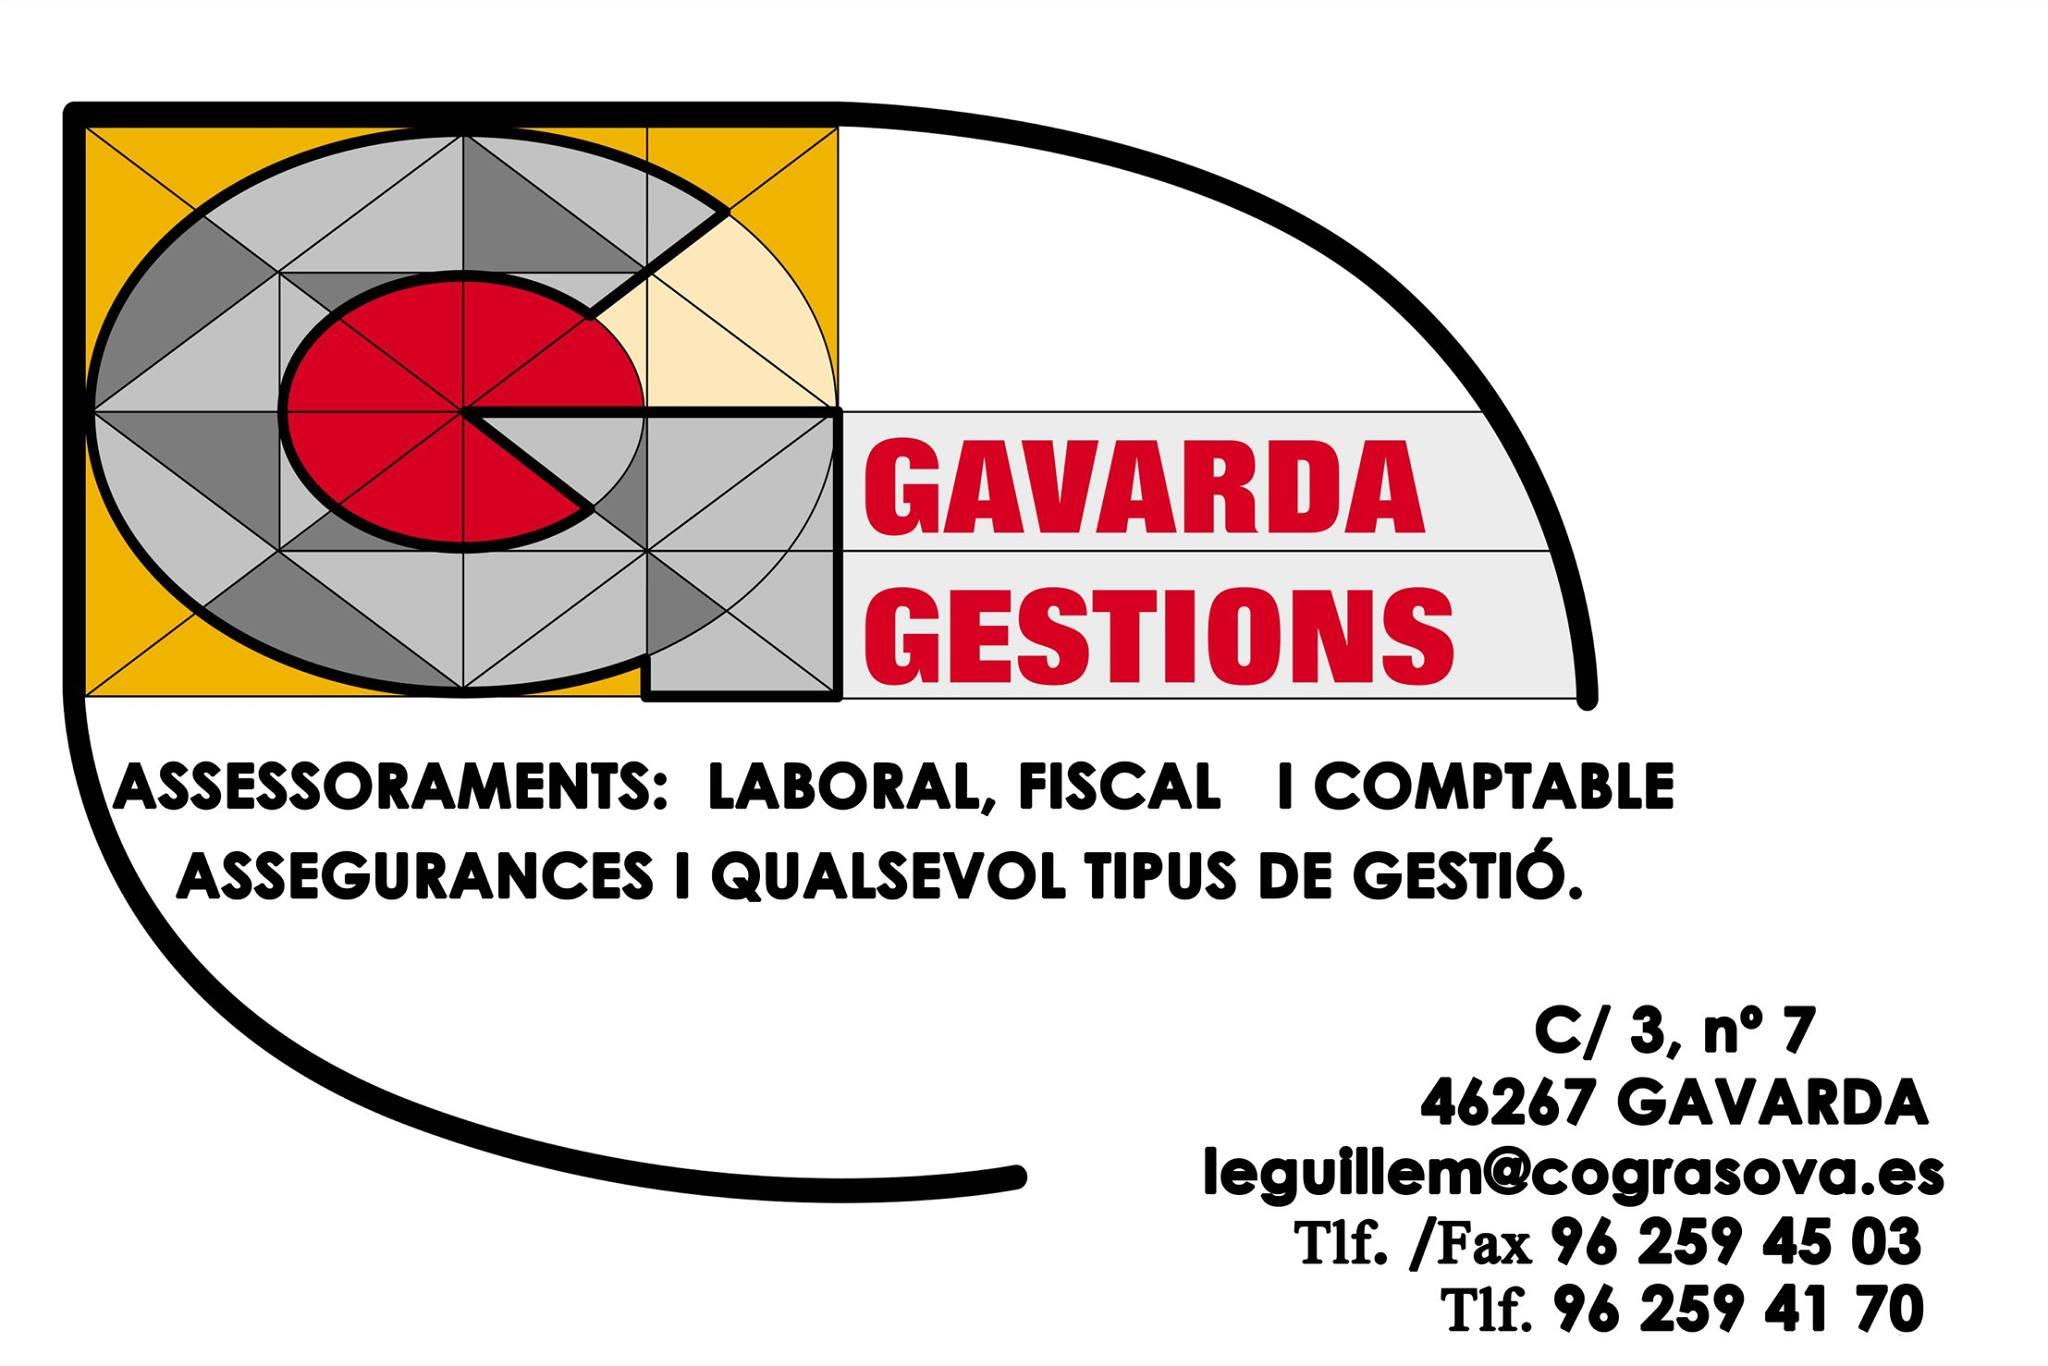 GAVARDA GESTIONS